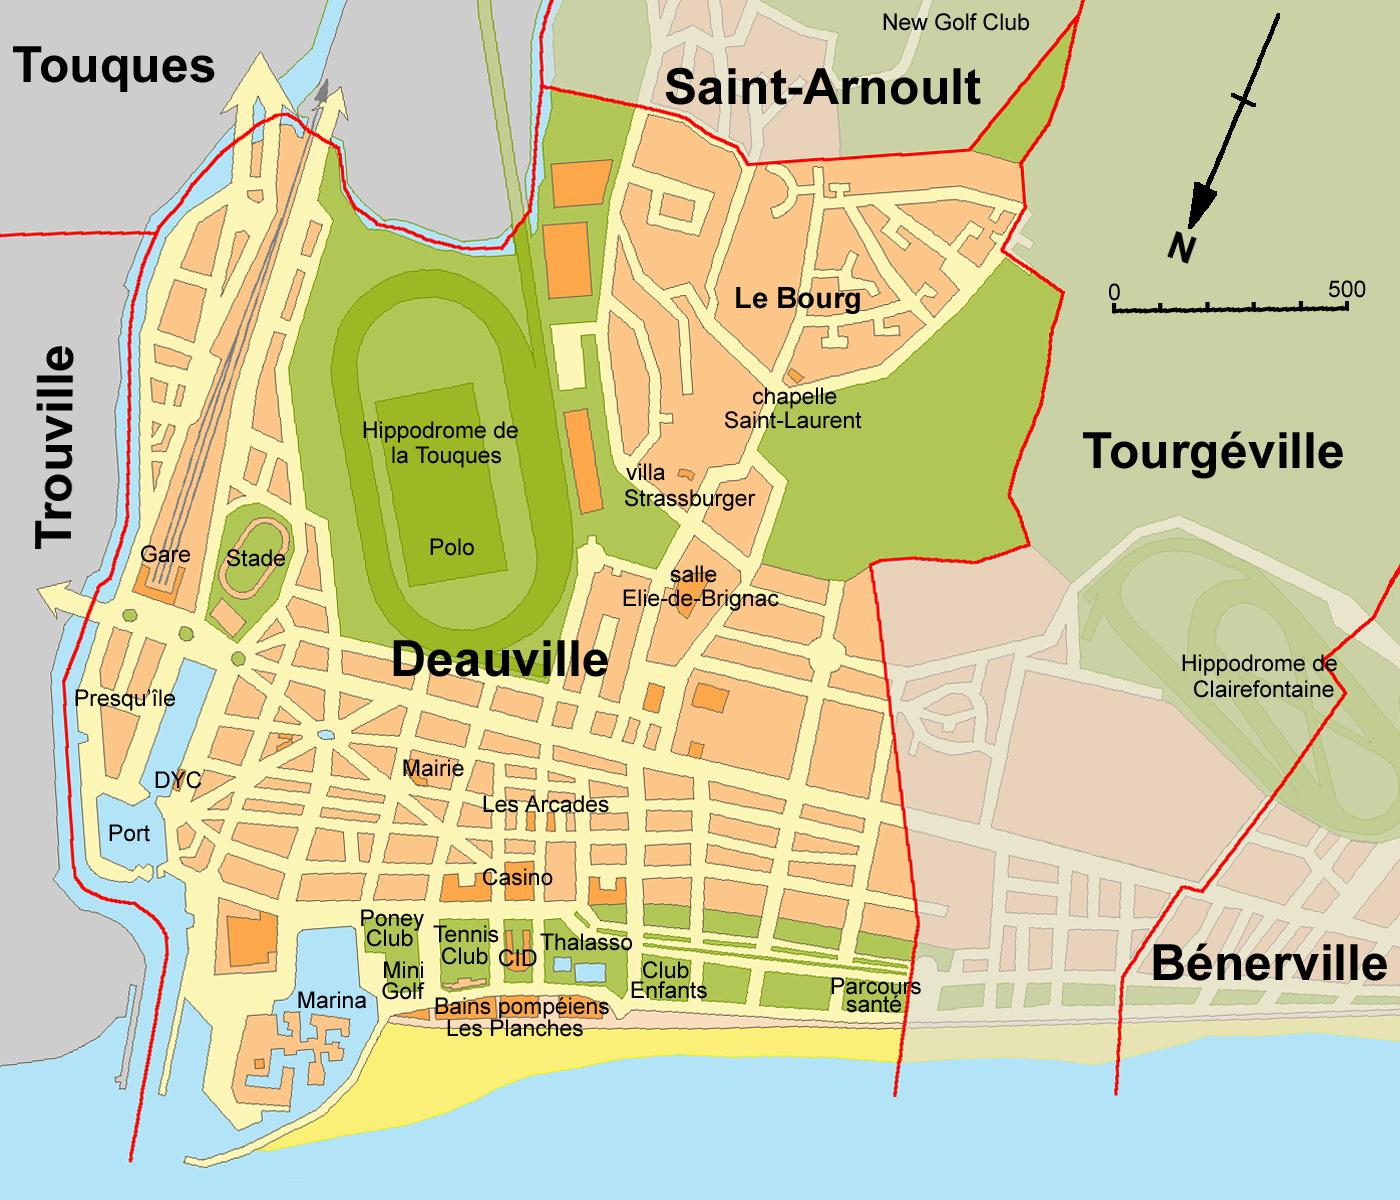 Plan de deauville arts et voyages - Office du tourisme de deauville trouville ...